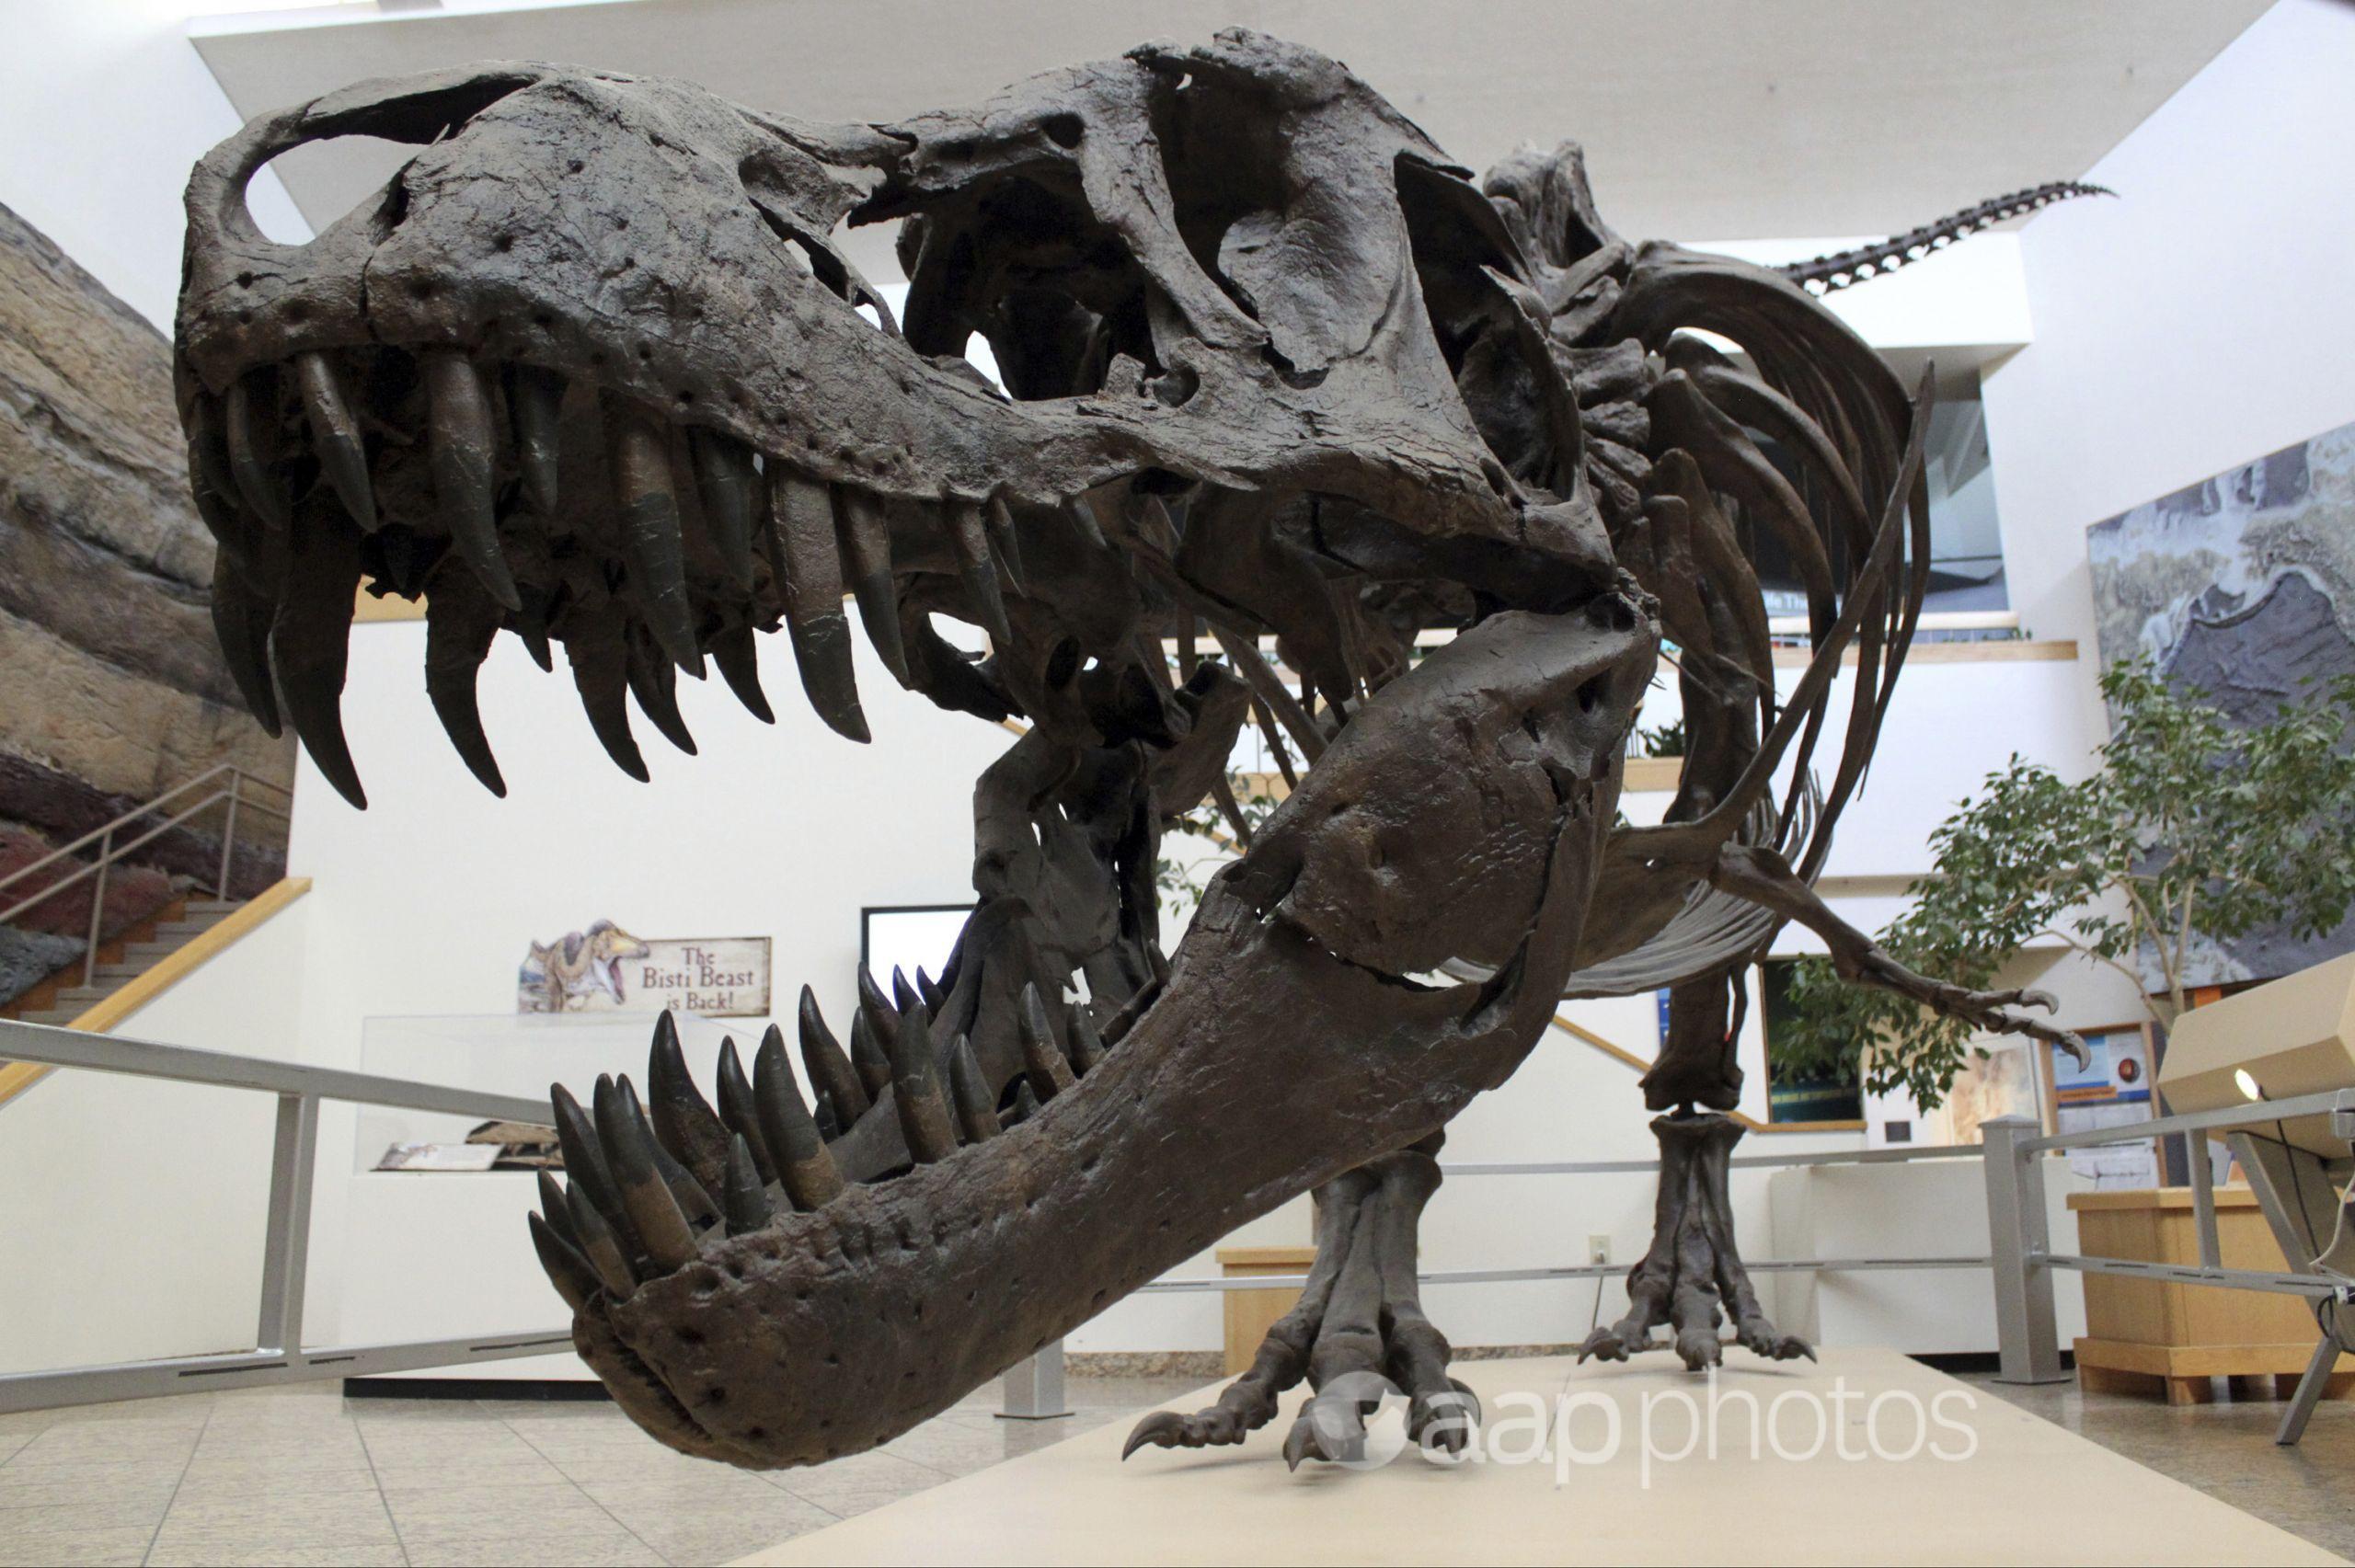 A tyrannosaurus rex model